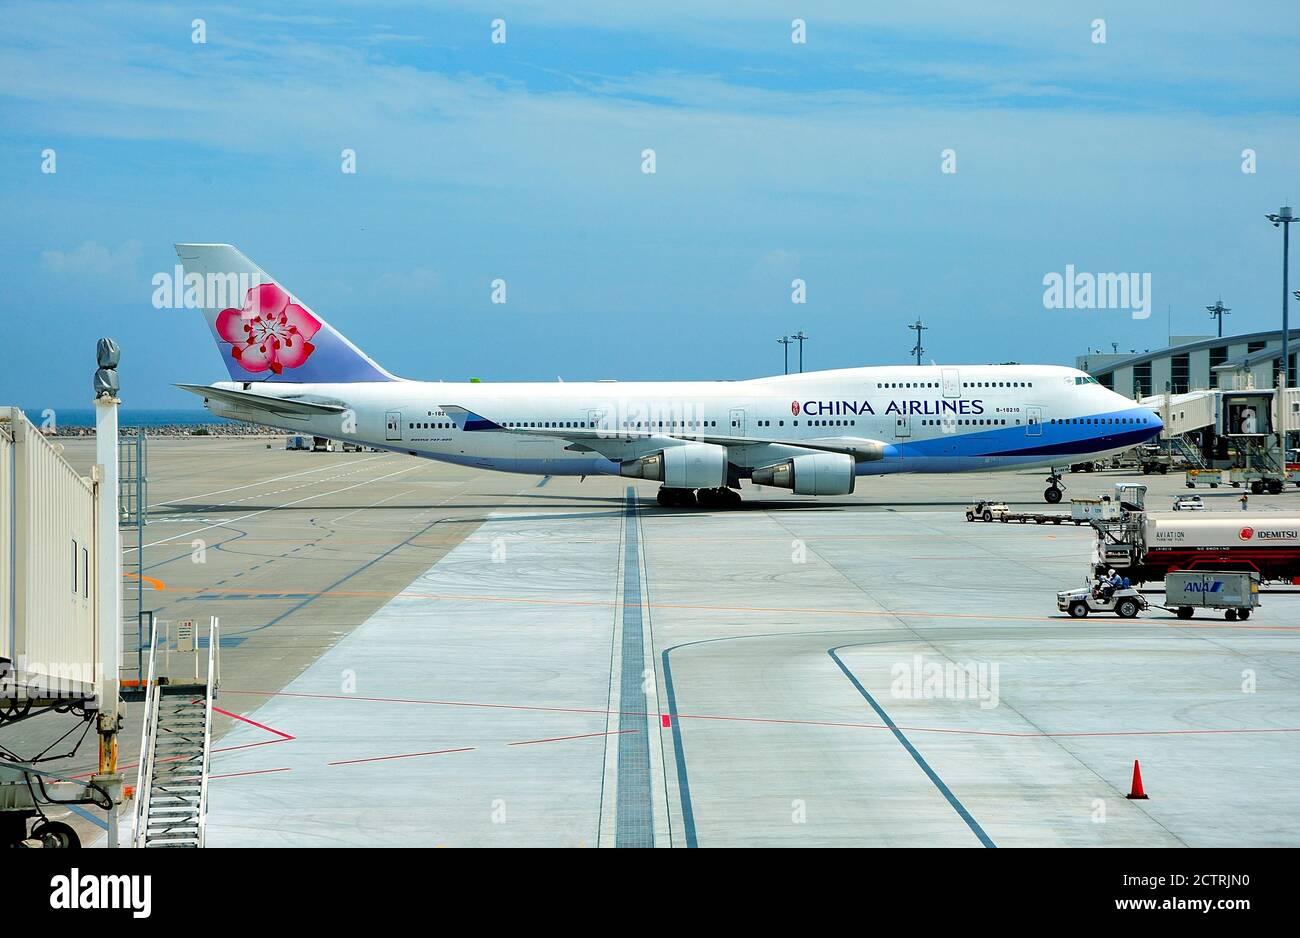 China Airlines Boeing B-747-400, B-18210, At Gate,  Naha Airport, Okinawa, Ryukyu Islands, Japan Stock Photo